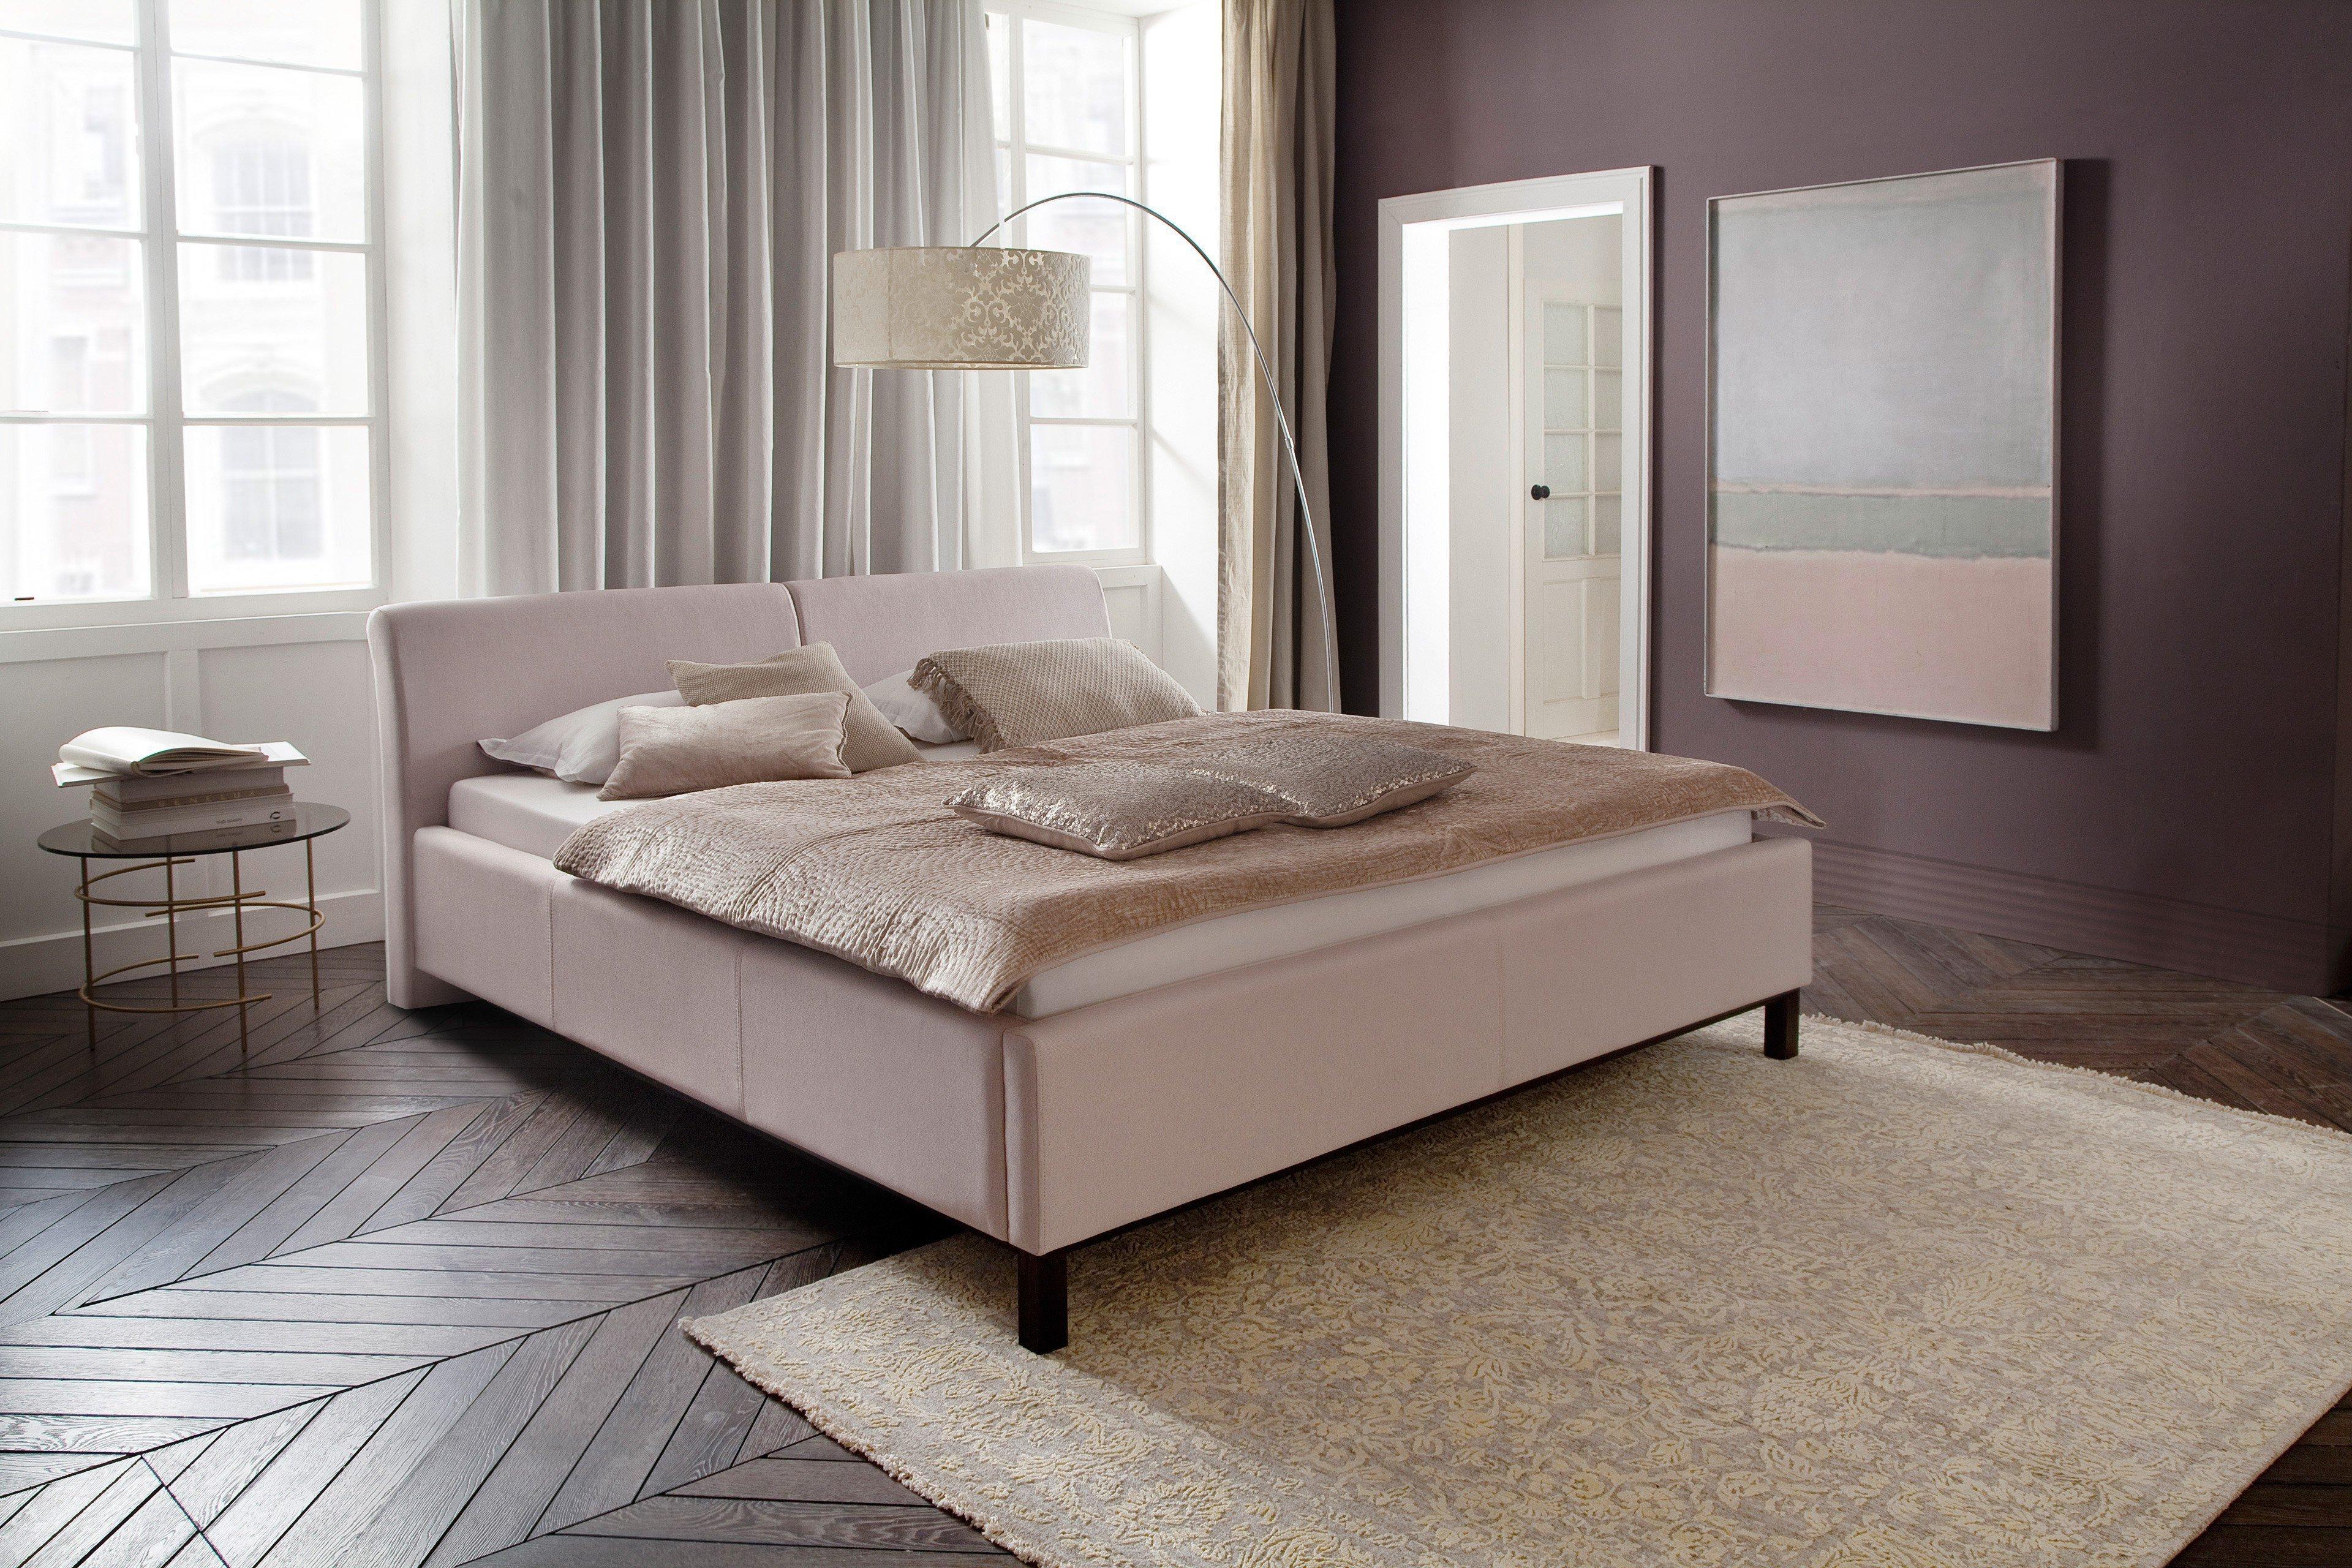 Bellanotte Von Meise Möbel   Polsterbett 160 Beige